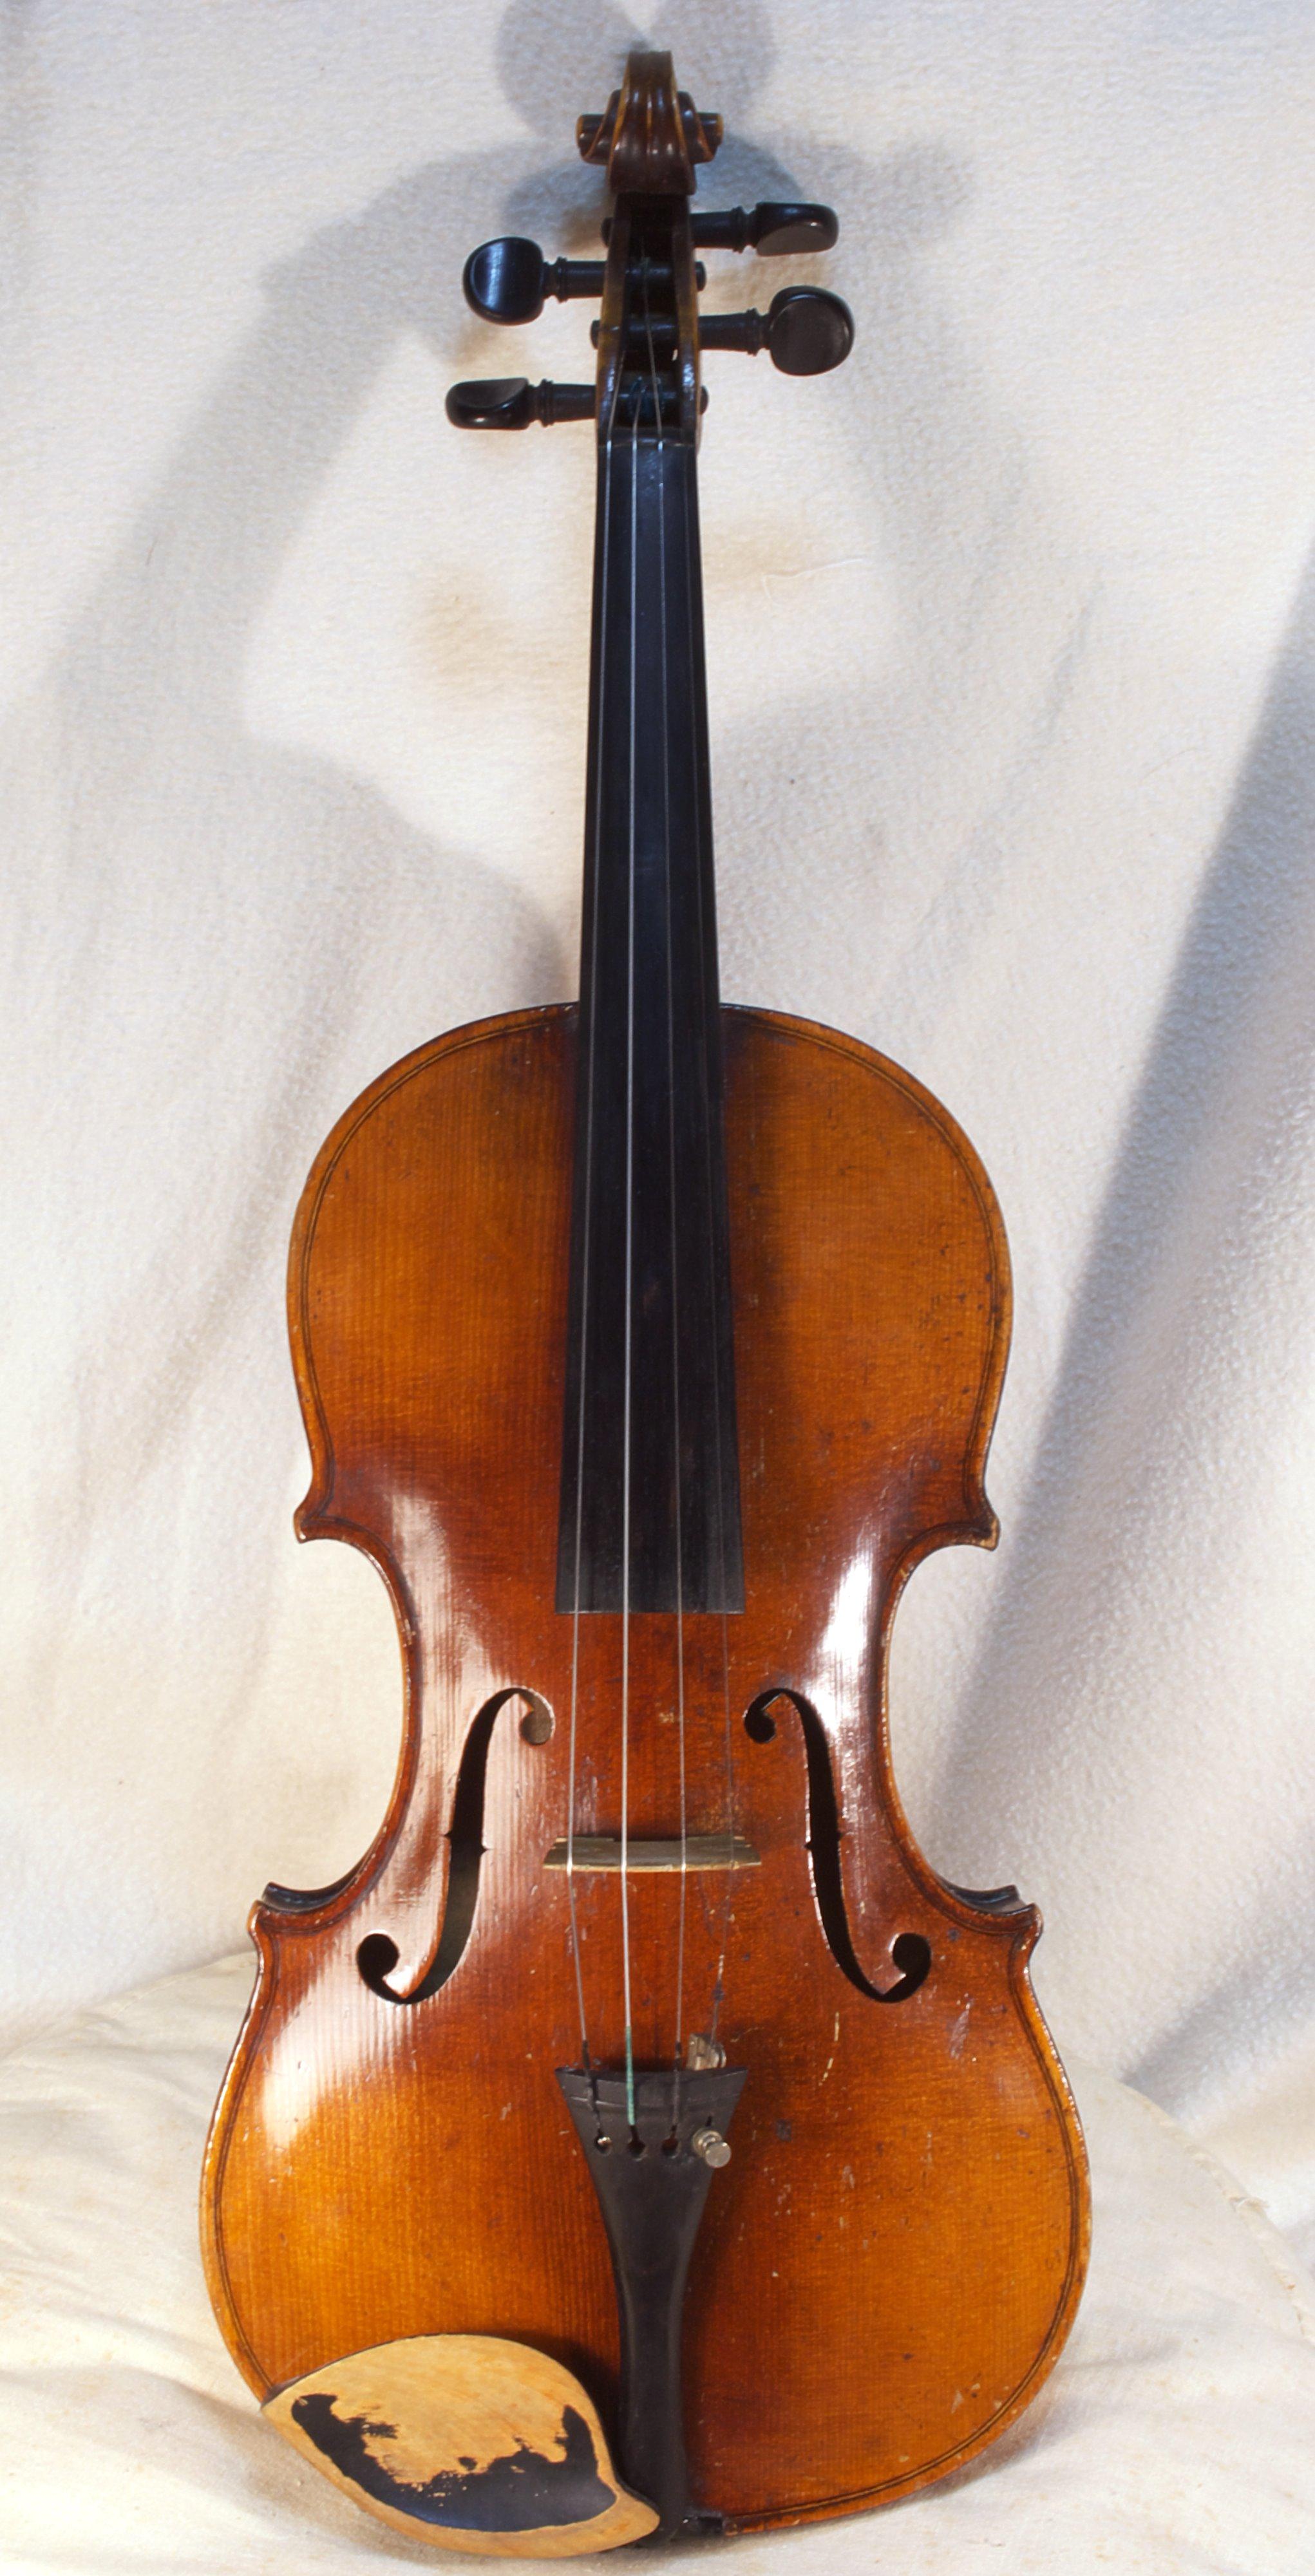 Violin by MATANAO (Wikimedia Commons)